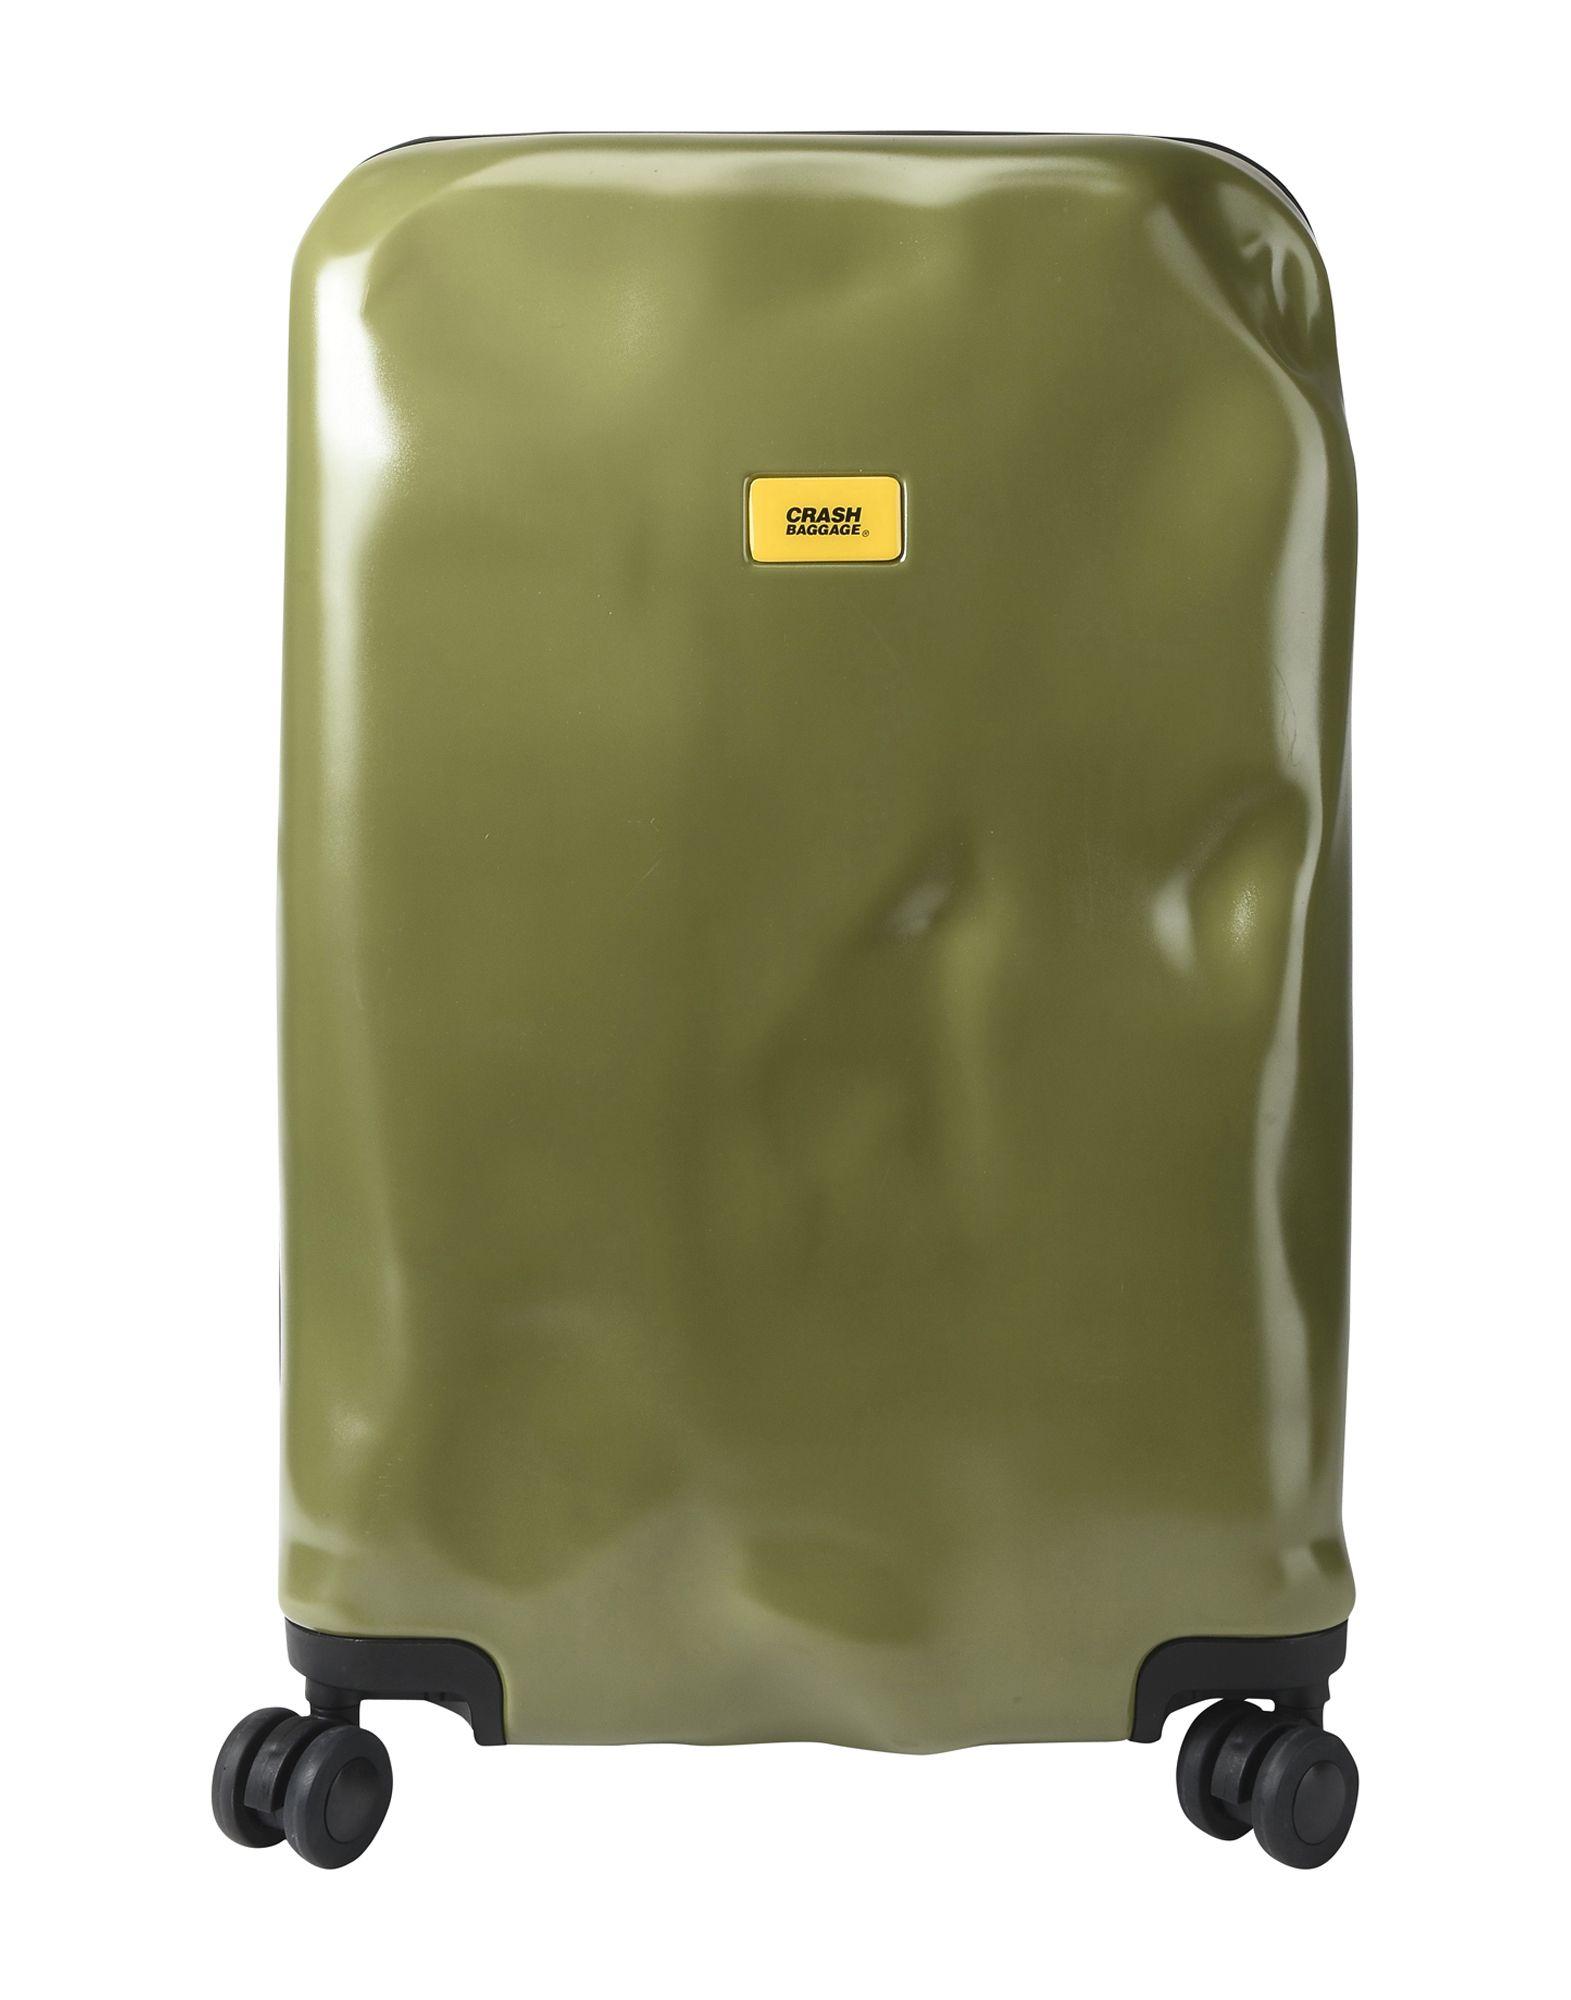 《期間限定セール中》CRASH BAGGAGE Unisex キャスター付きバッグ ミリタリーグリーン ポリカーボネート PIONEER Medium 4w.